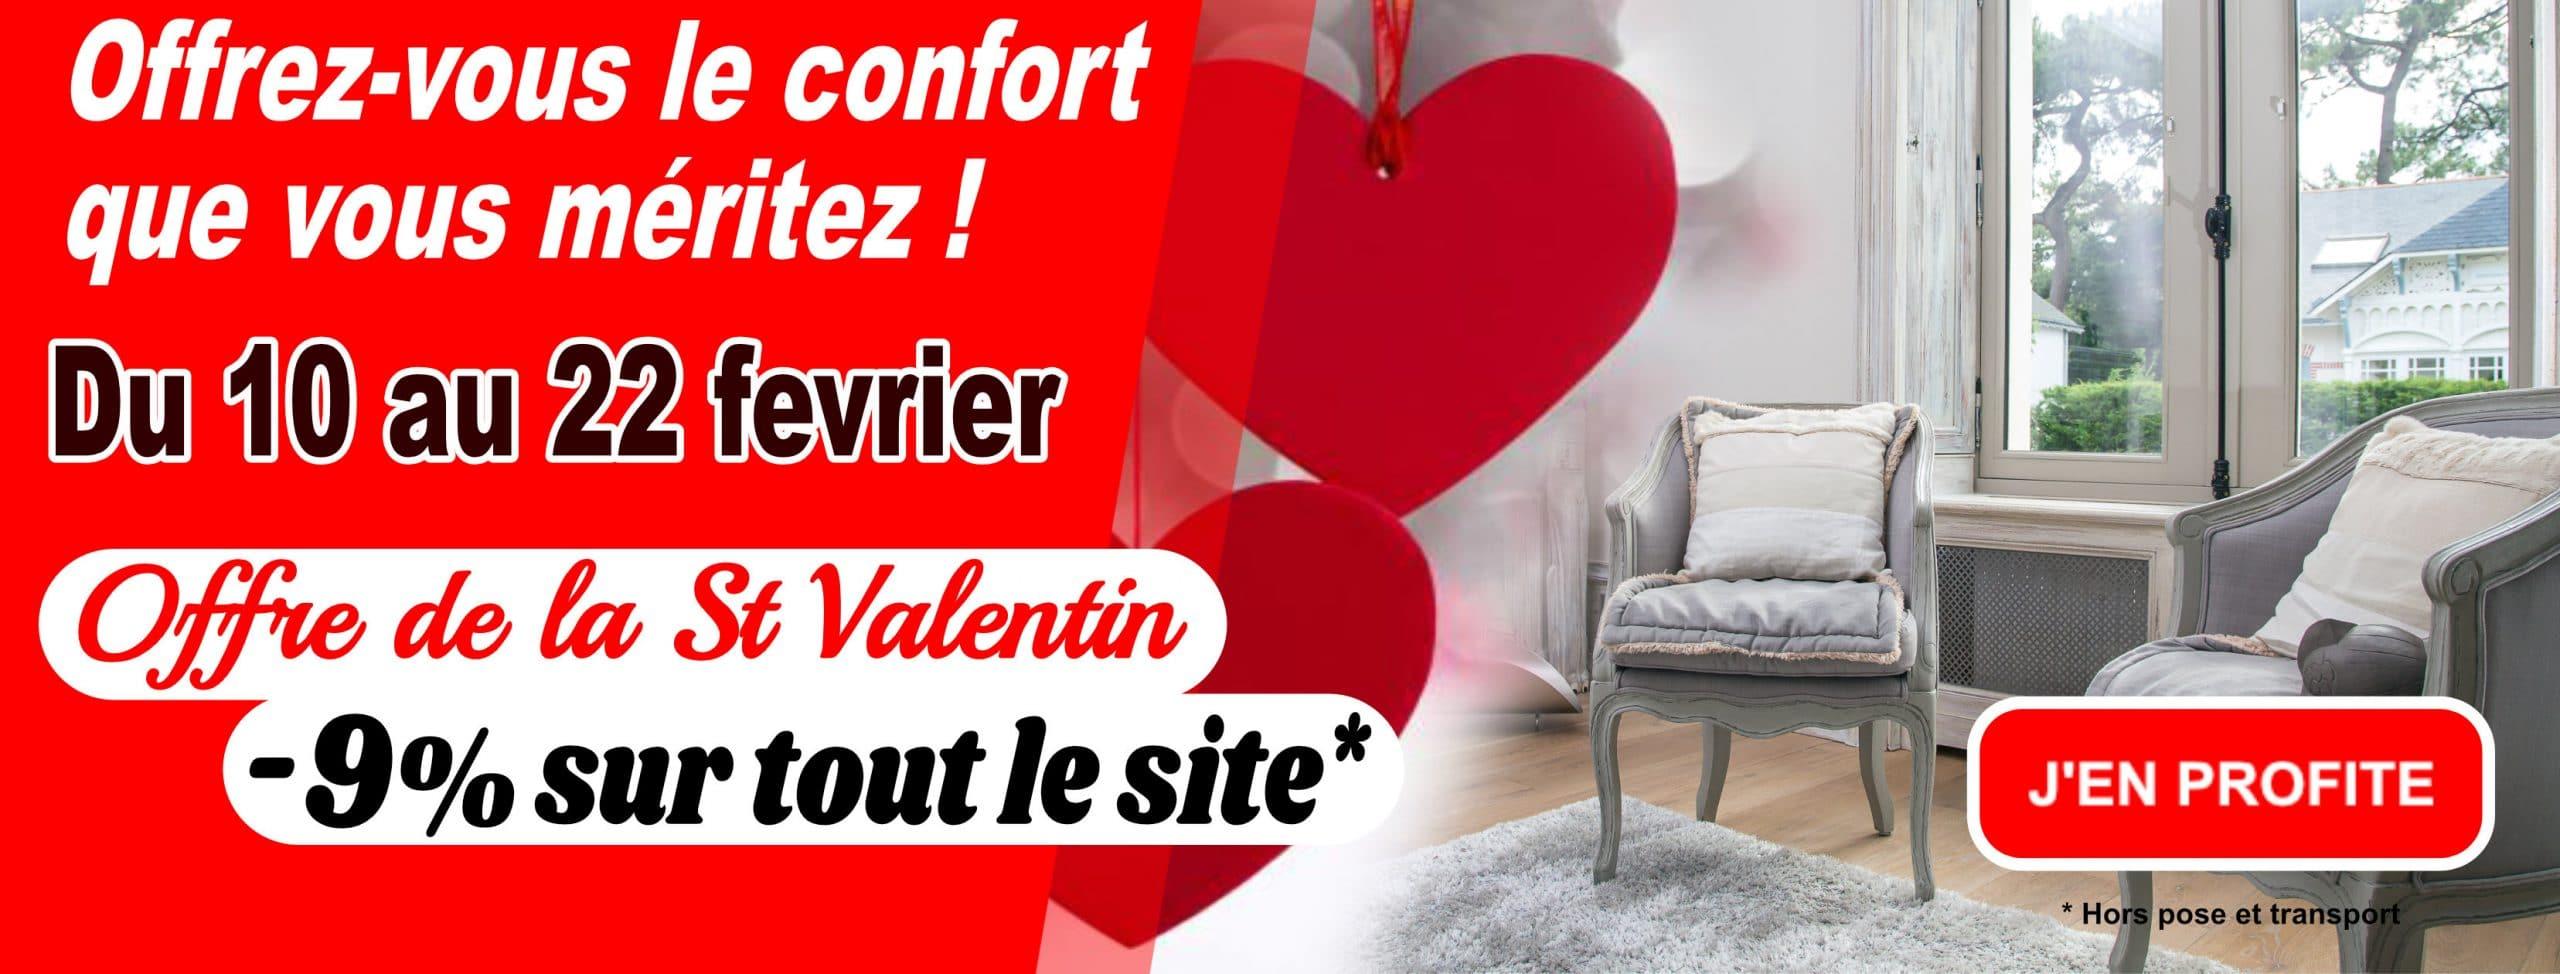 – 9% de remise sur tout le site ! Pour la St Valentin ! Offrez-vous le confort que vous méritez !